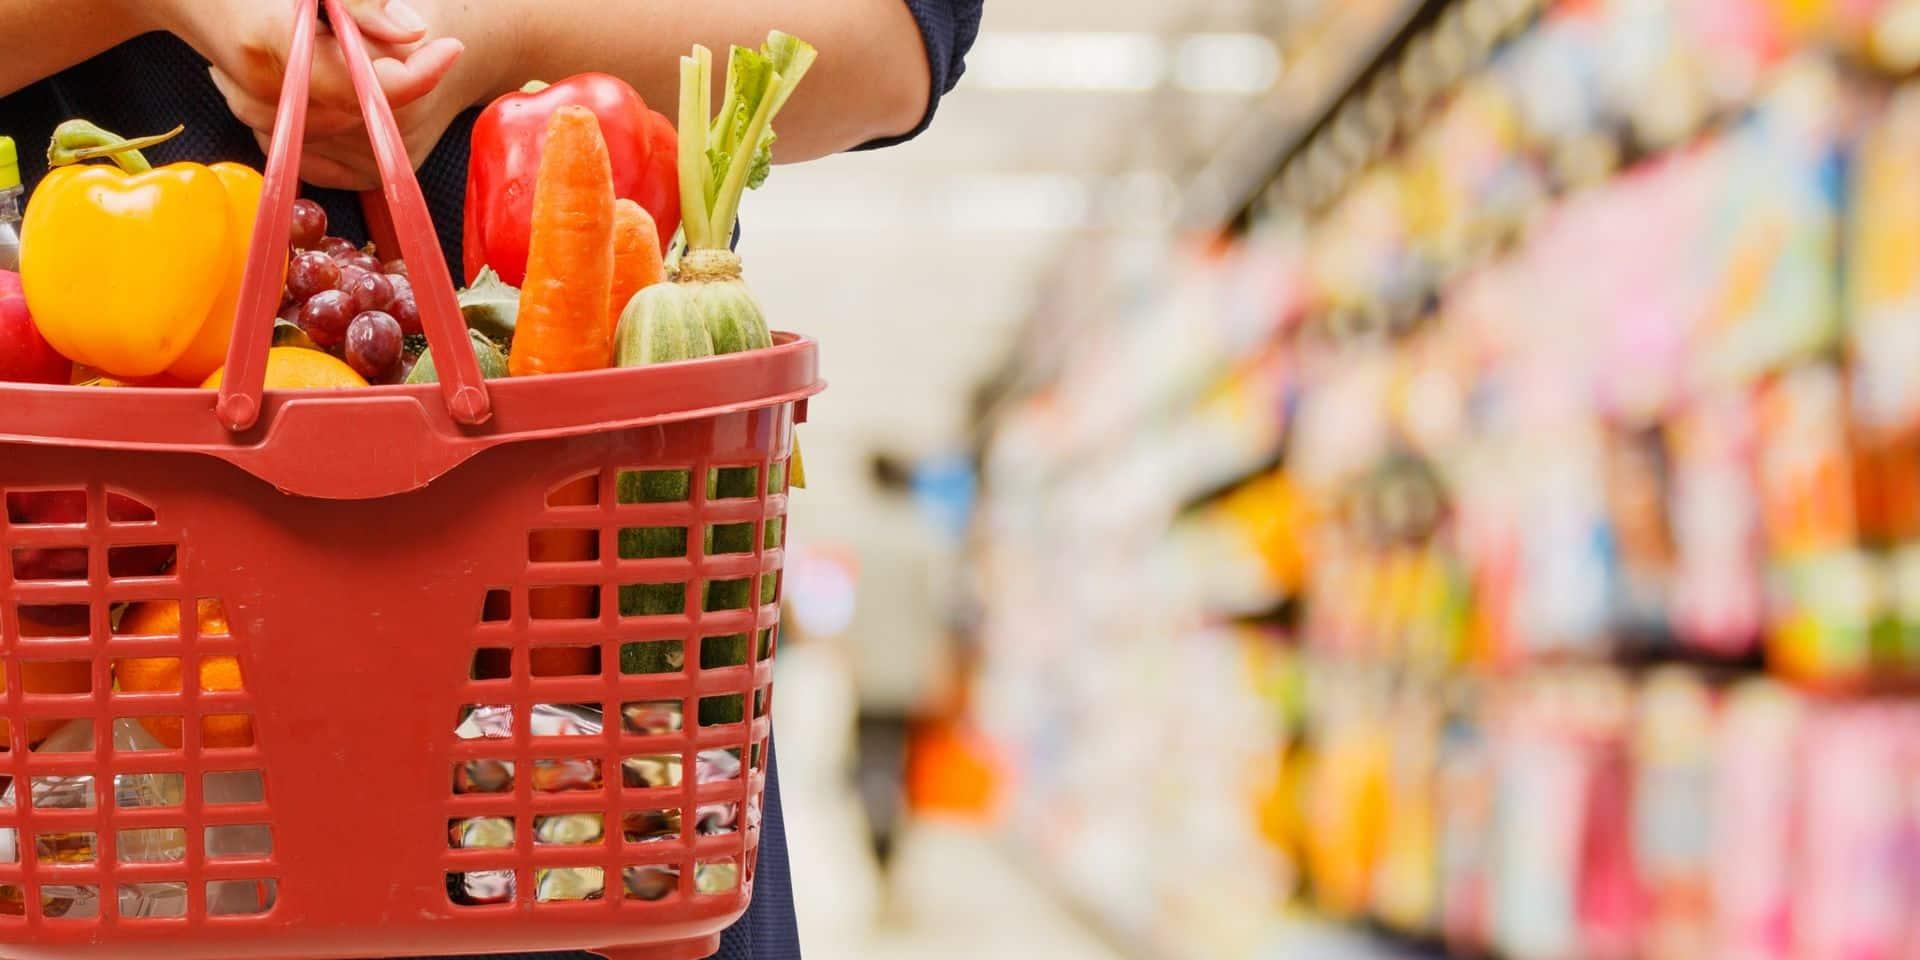 Comment Delhaize veut vous convaincre de manger plus sain